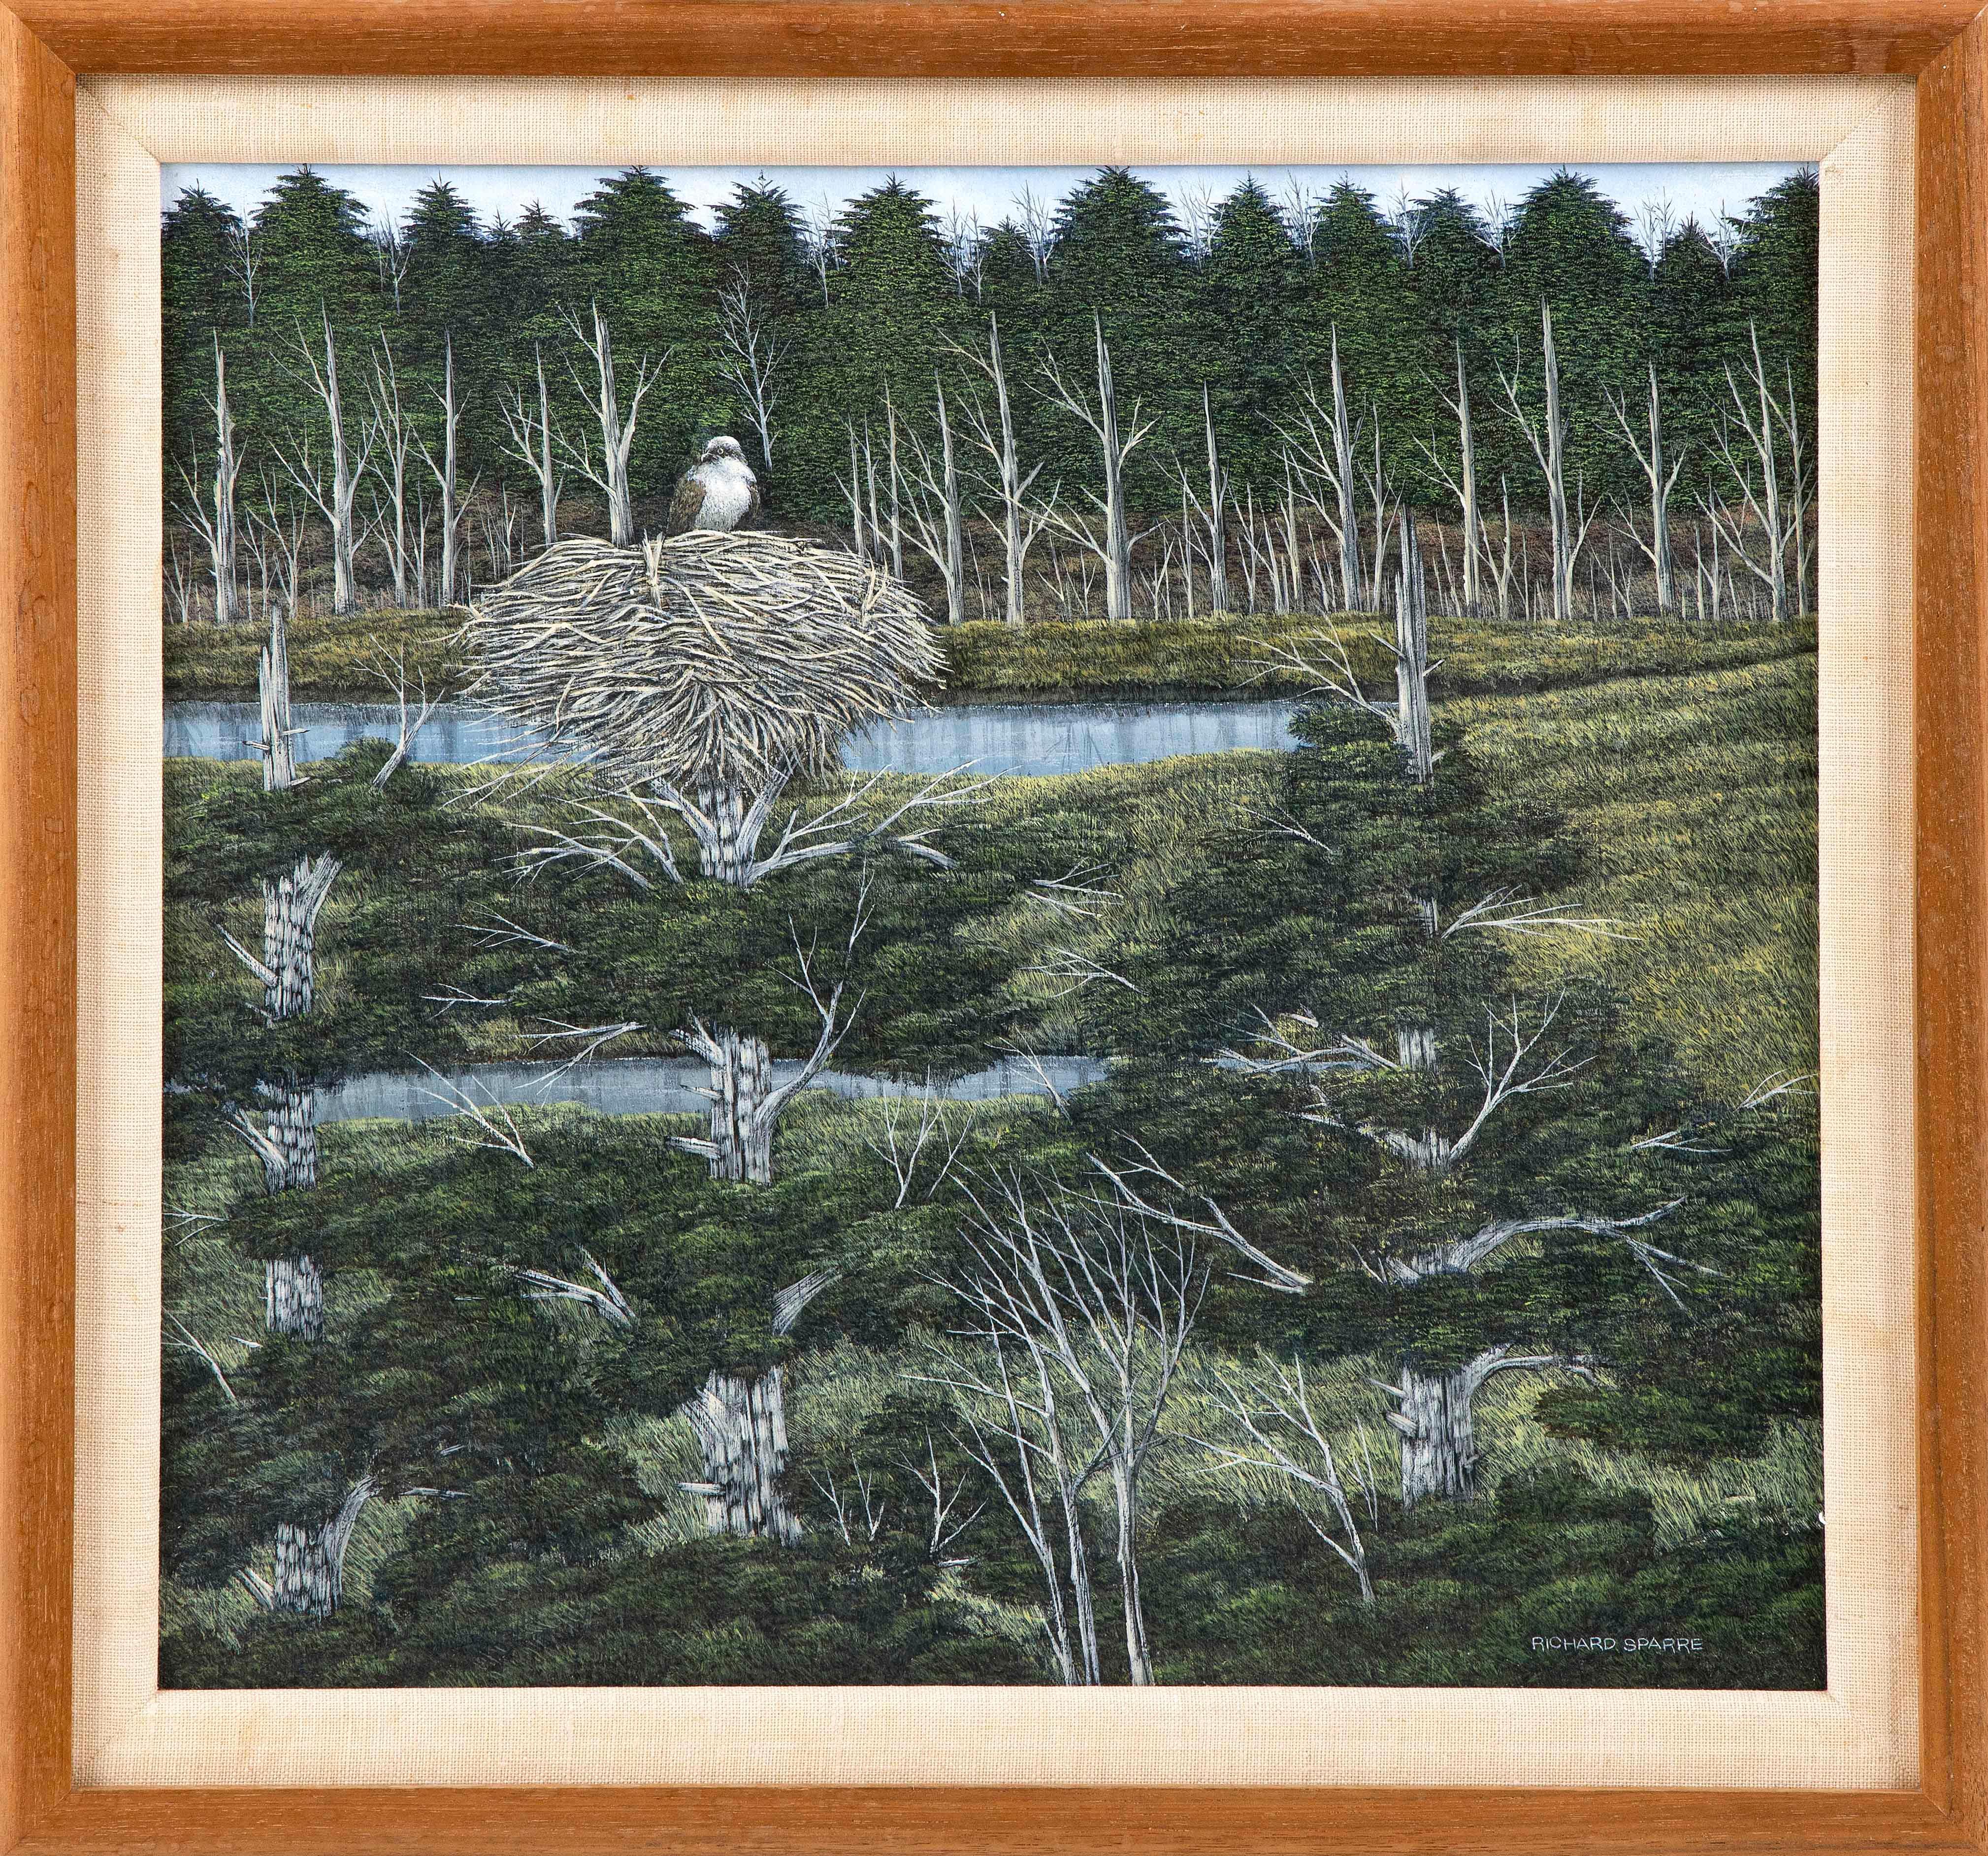 """RICHARD SPARRE, Massachusetts, 1936-2008, Osprey nest., Tempera on panel, 14"""" x 16"""". Framed 17.5"""" x 19""""."""